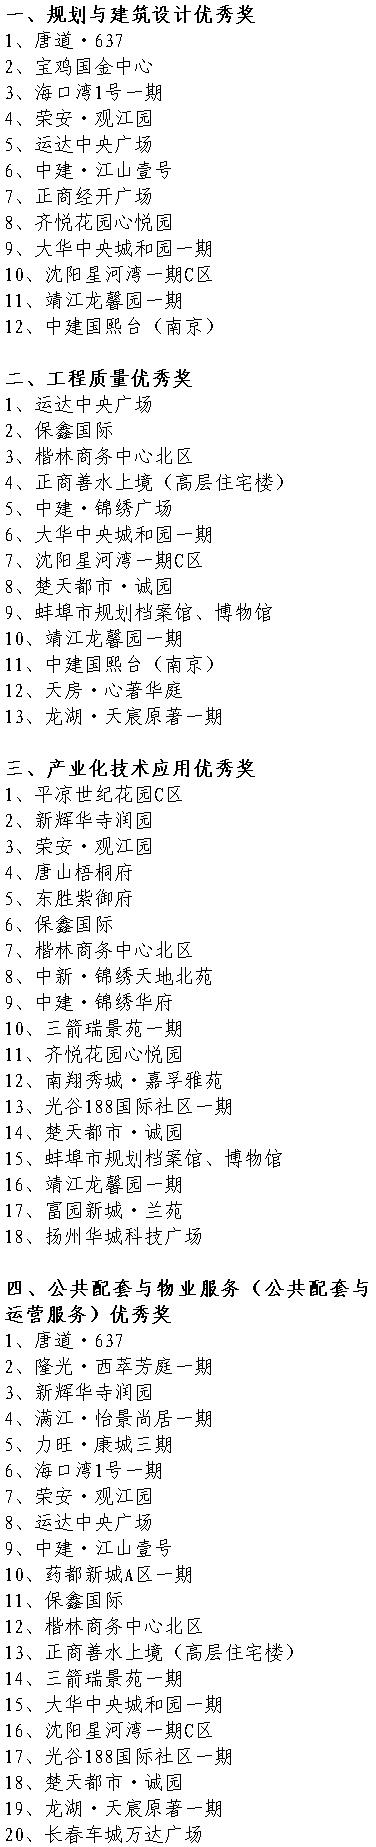 """第九屆(2019-2020年度)""""廣廈獎""""第一批獲獎項目單項 優秀獎項目"""